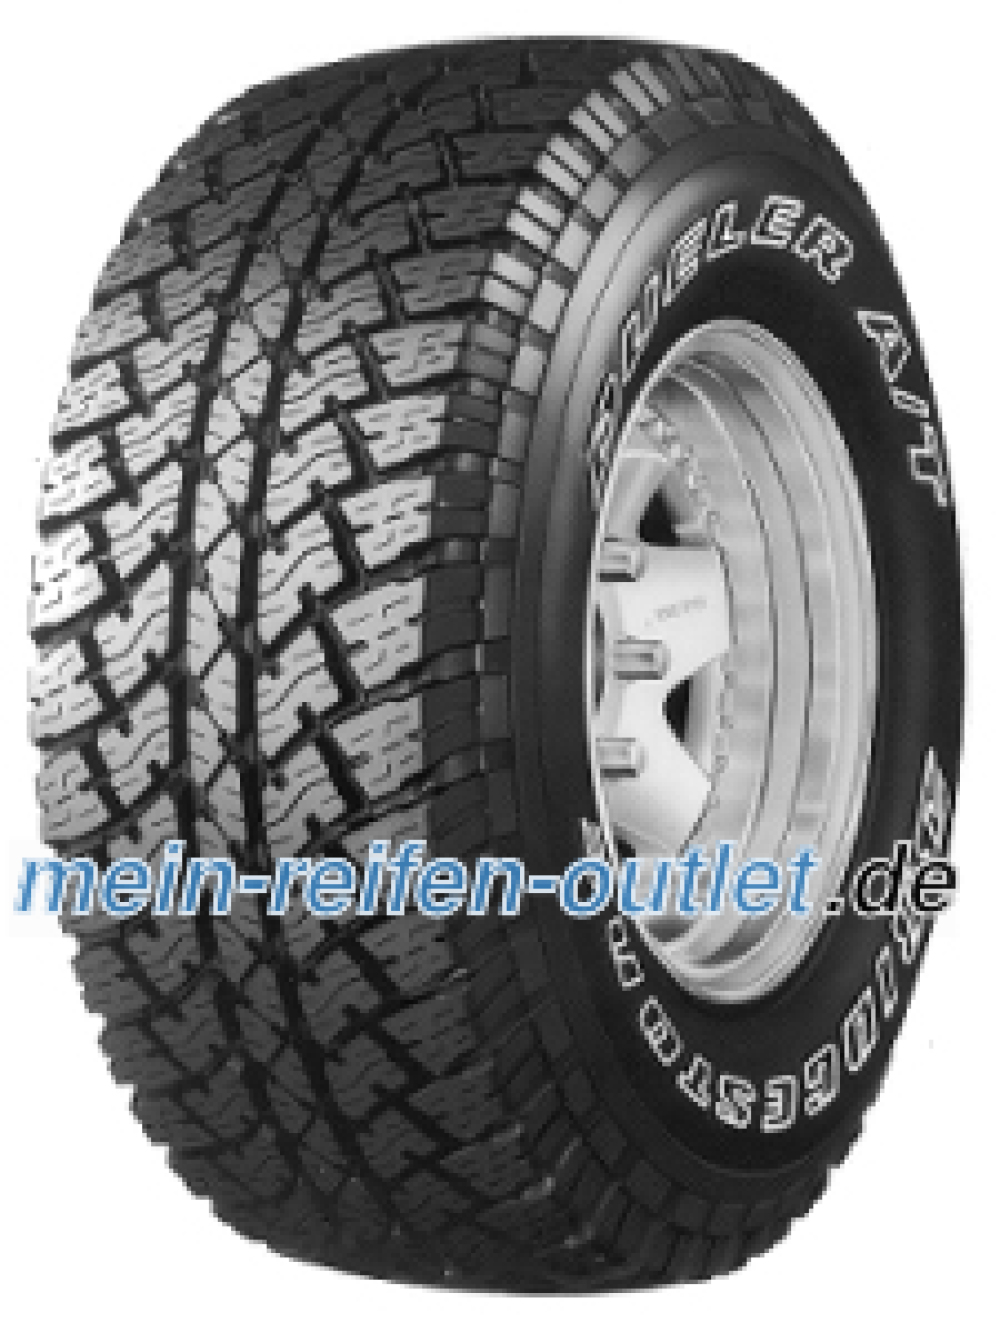 Bridgestone Dueler A/T 693 III ( 265/65 R17 112S )